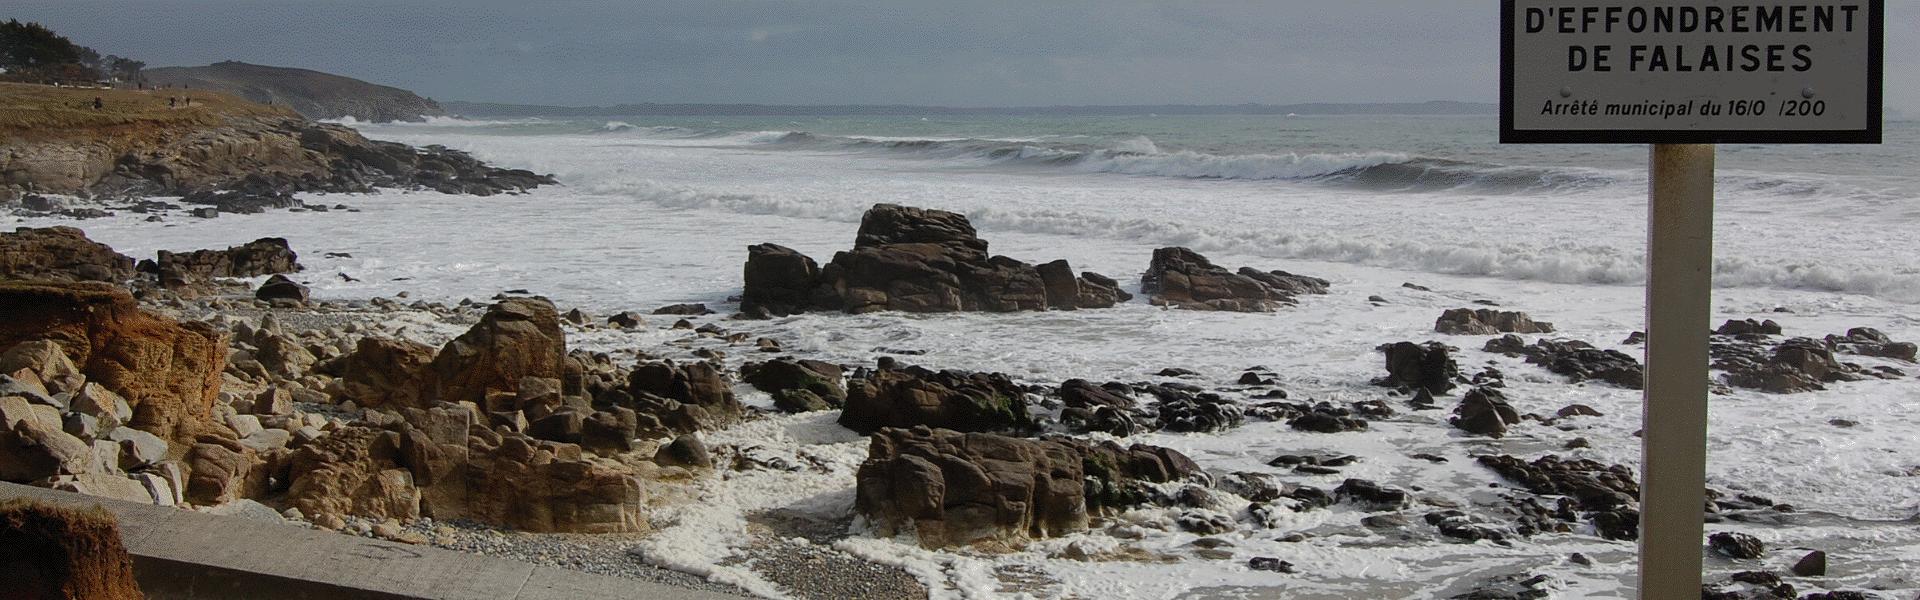 risques-cotiers-front-de-mer-effondrement-falaise-definition-universite-bretagne-occidentale